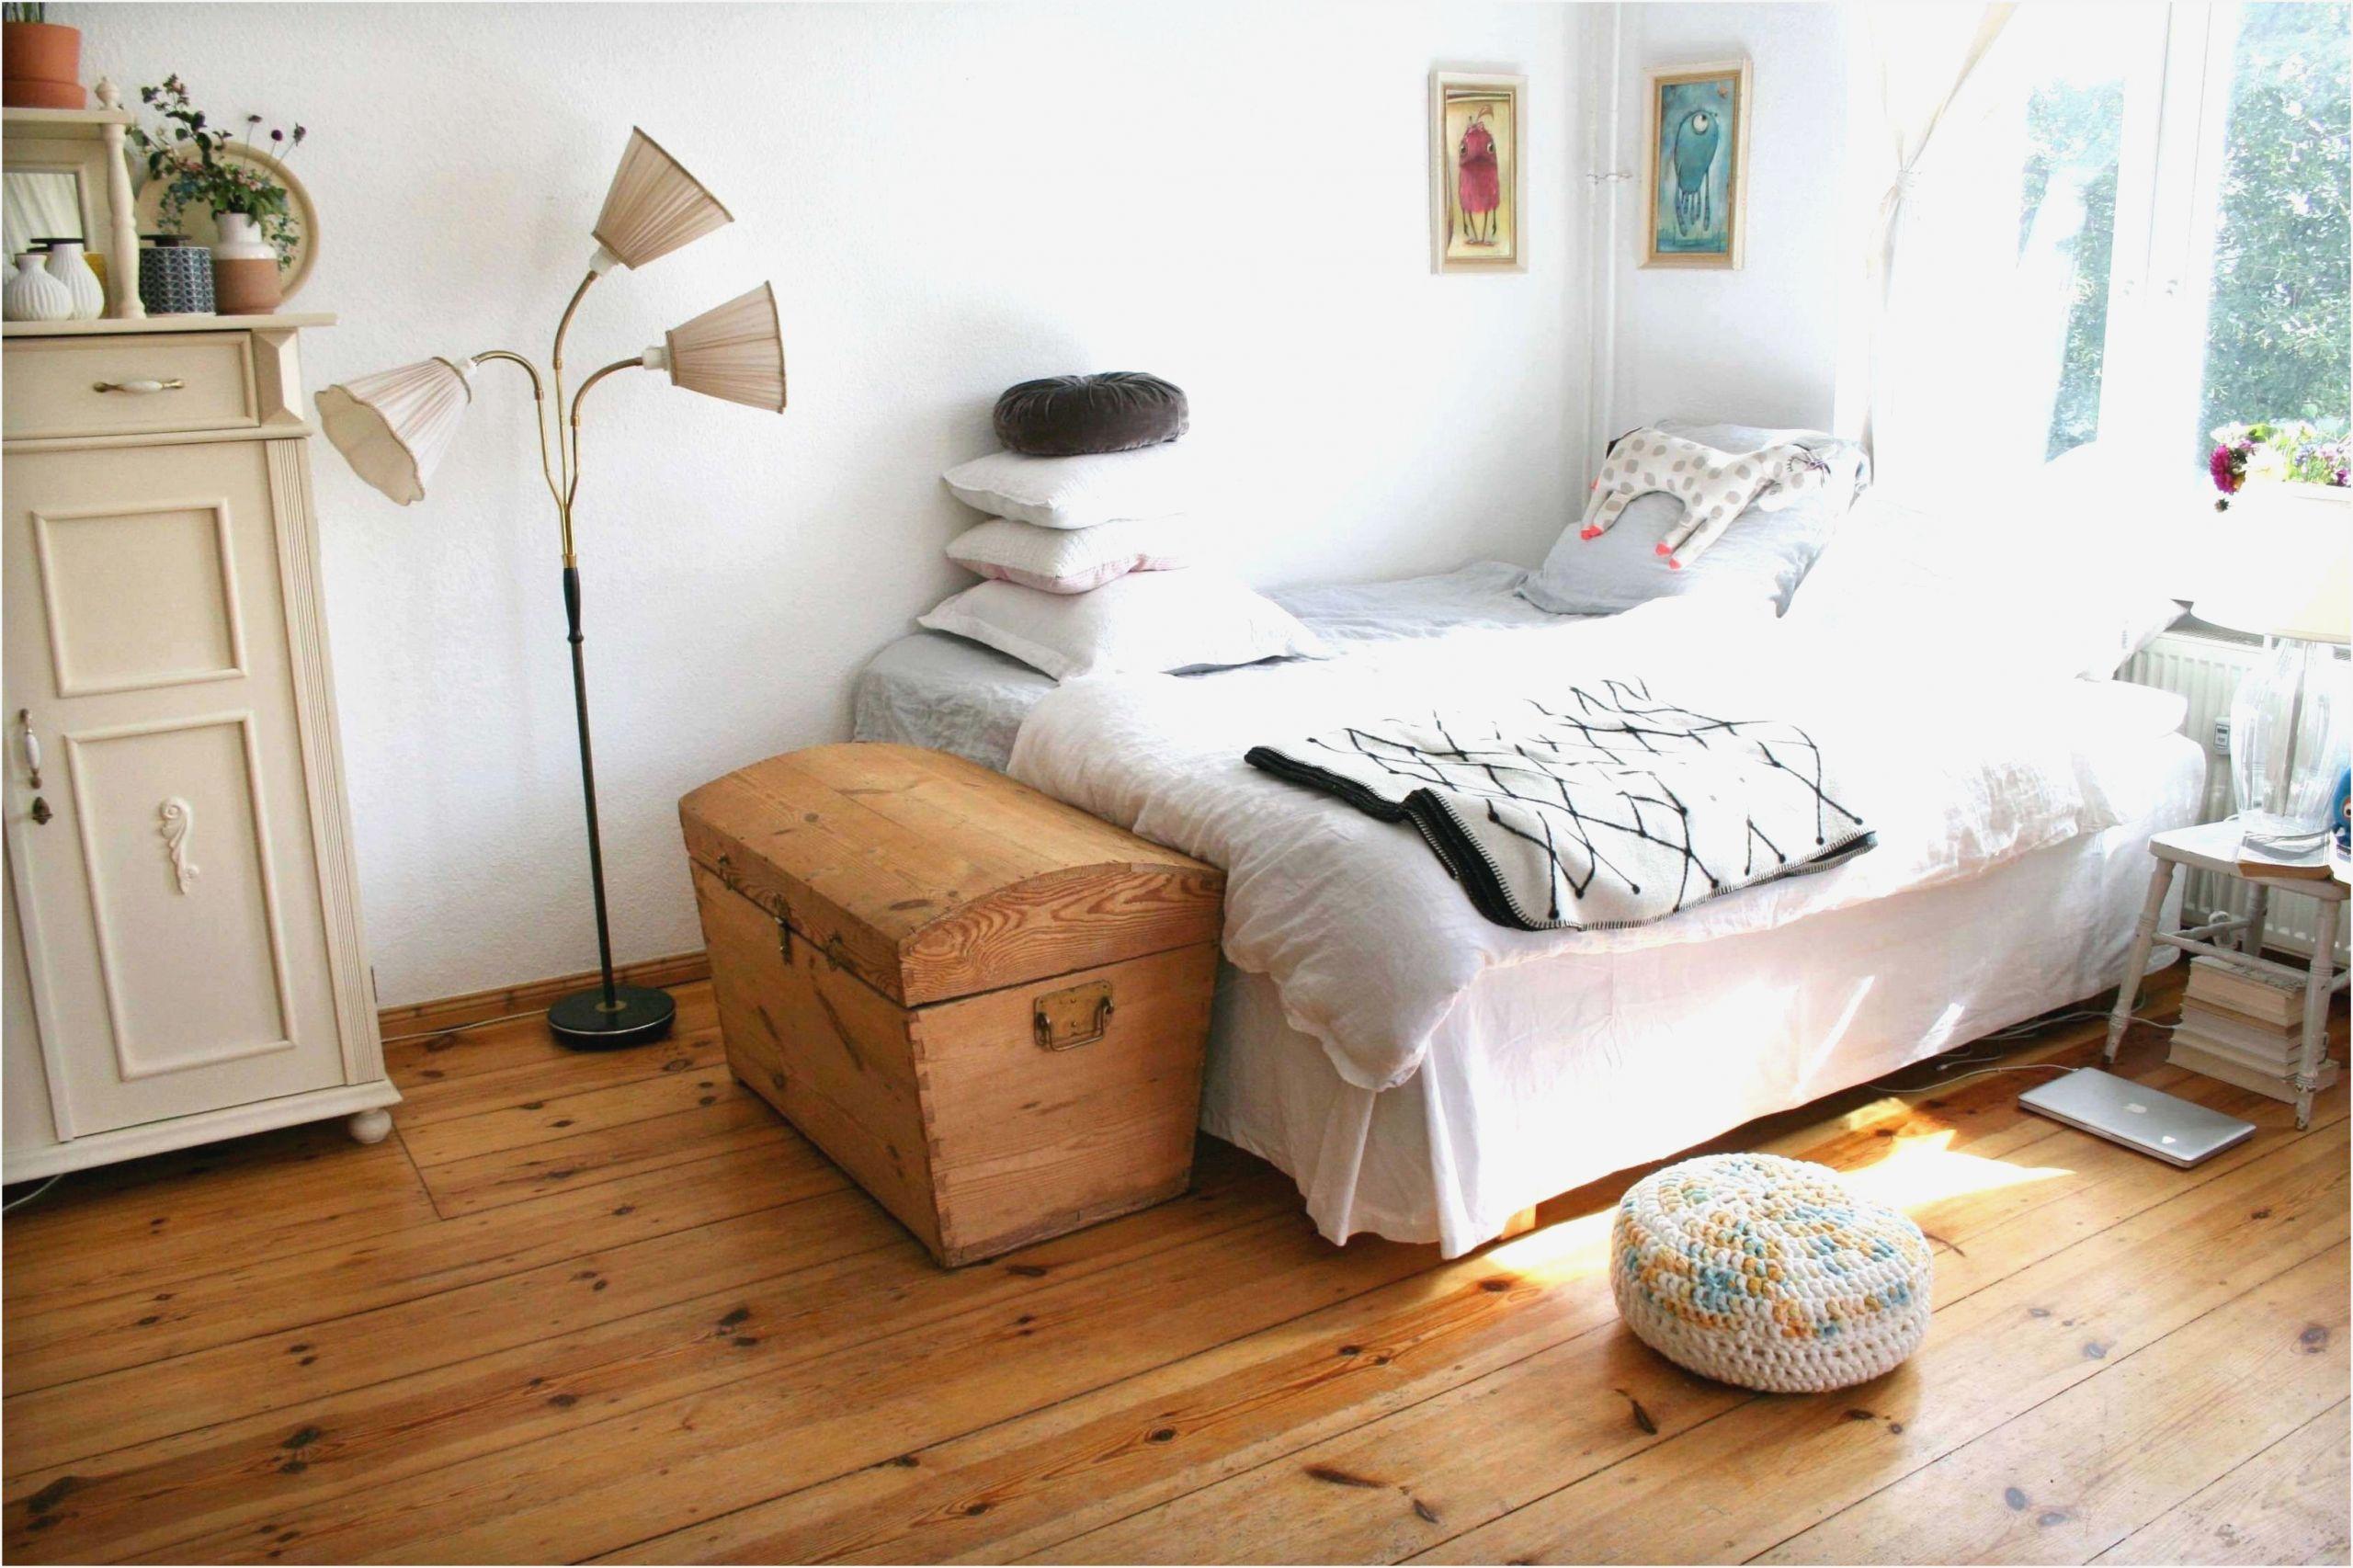 schlafzimmer ideen wandgestaltung holz of schlafzimmer ideen wandgestaltung holz scaled